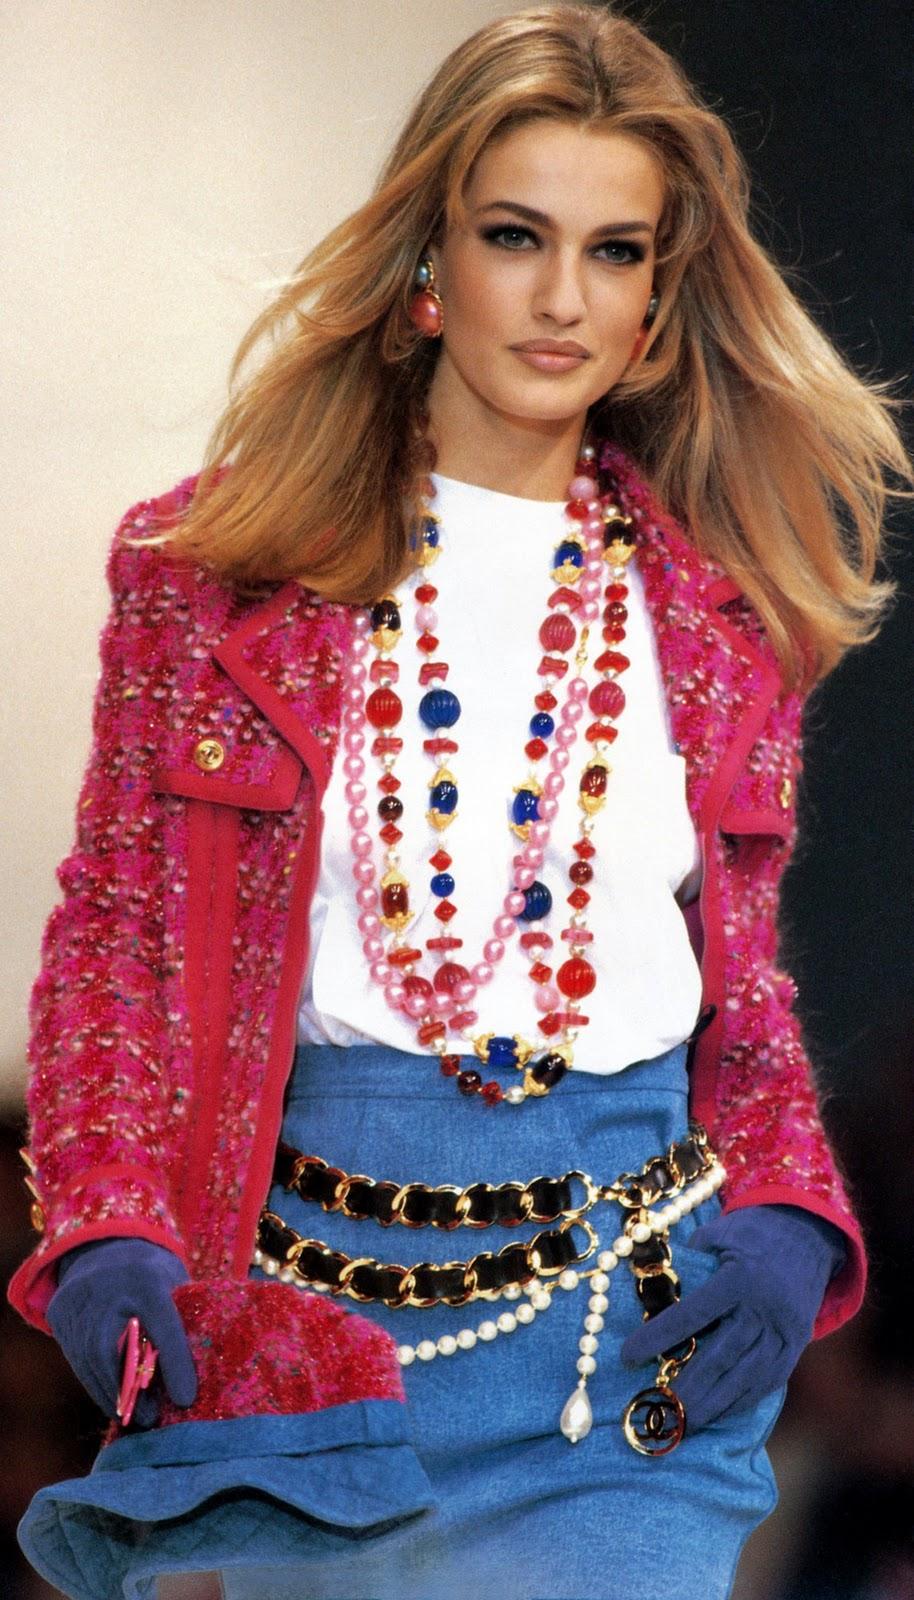 2000 Karen Chanel 91 Vogue Spirit Restoration